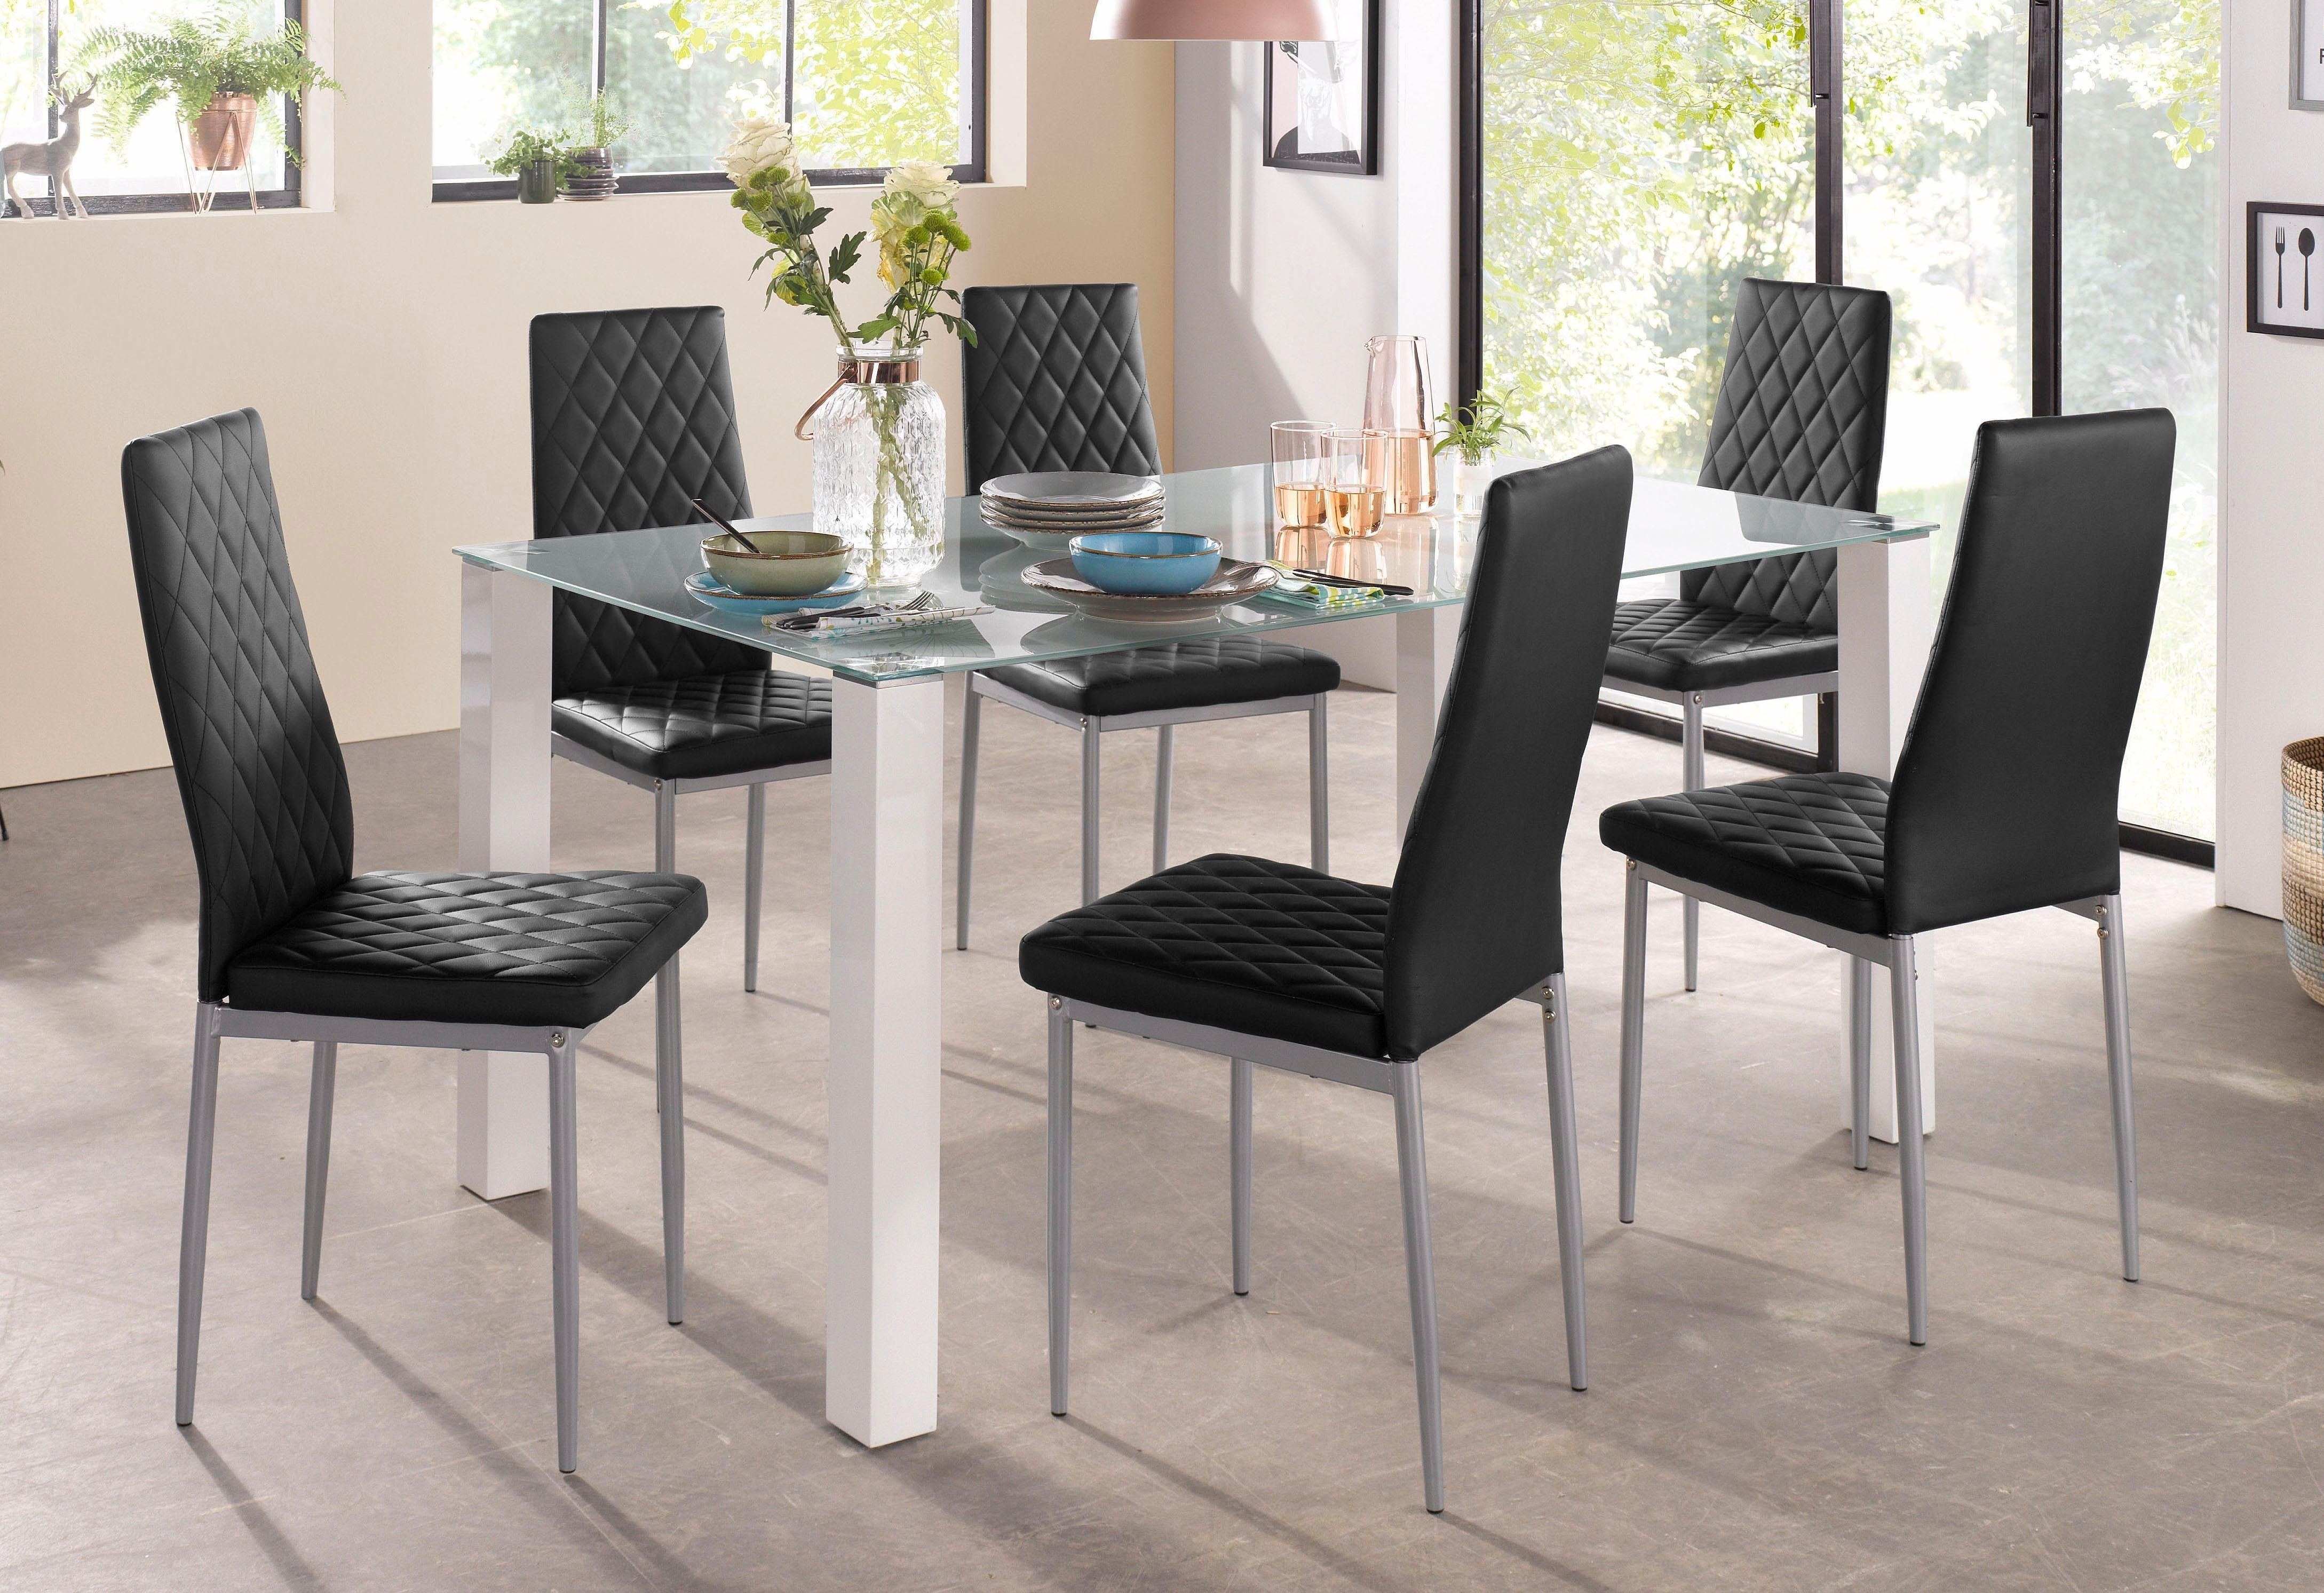 Essgruppe 5-teilig mit Glastisch, Breite 160 cm | Wohnzimmer > Tische > Glastische